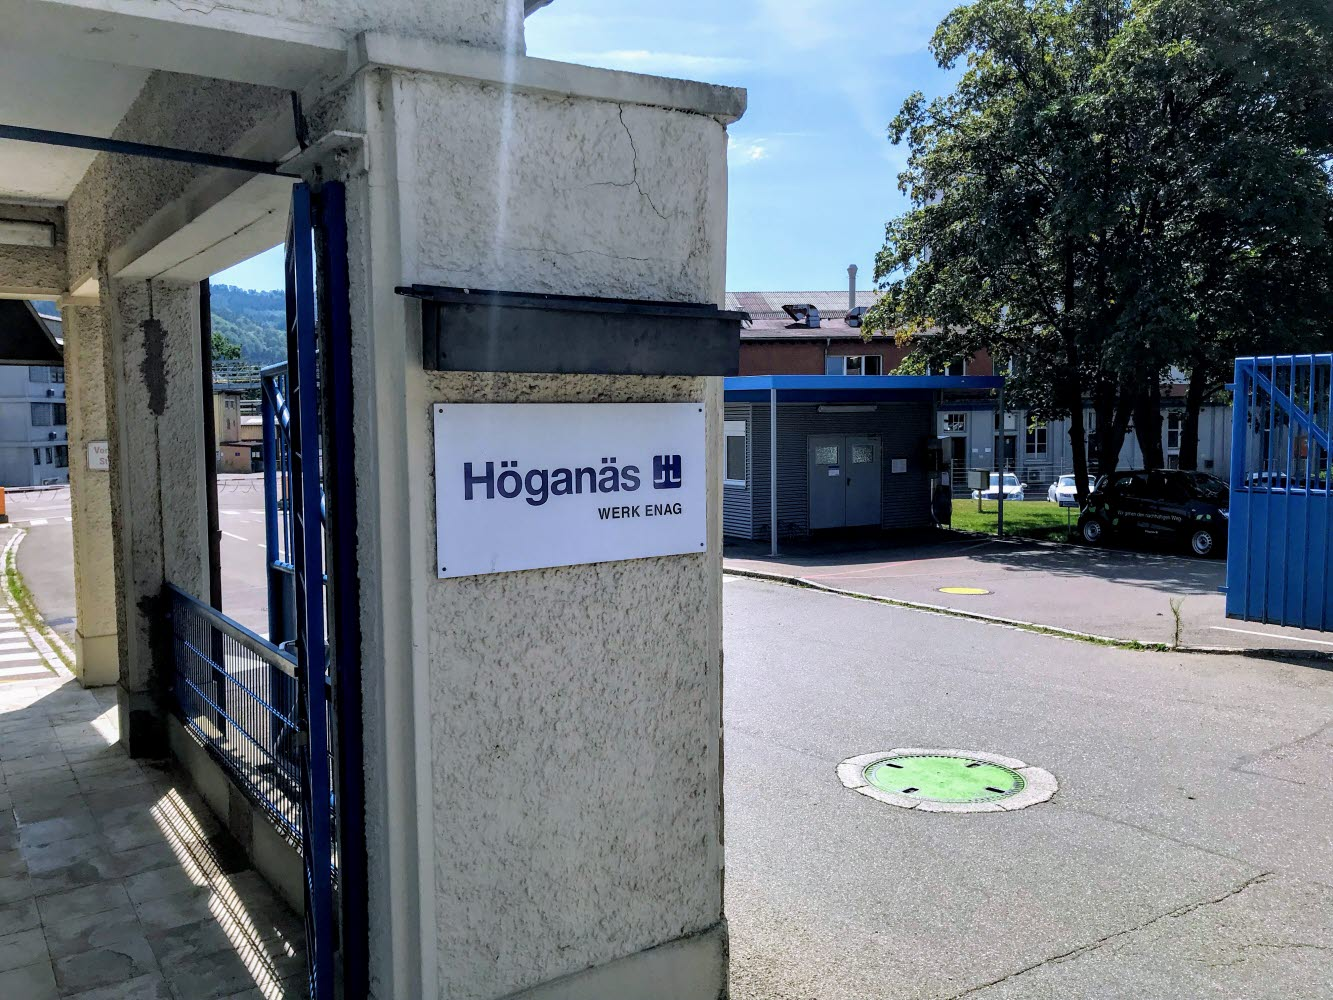 Höganäs site gate in Laufenburg